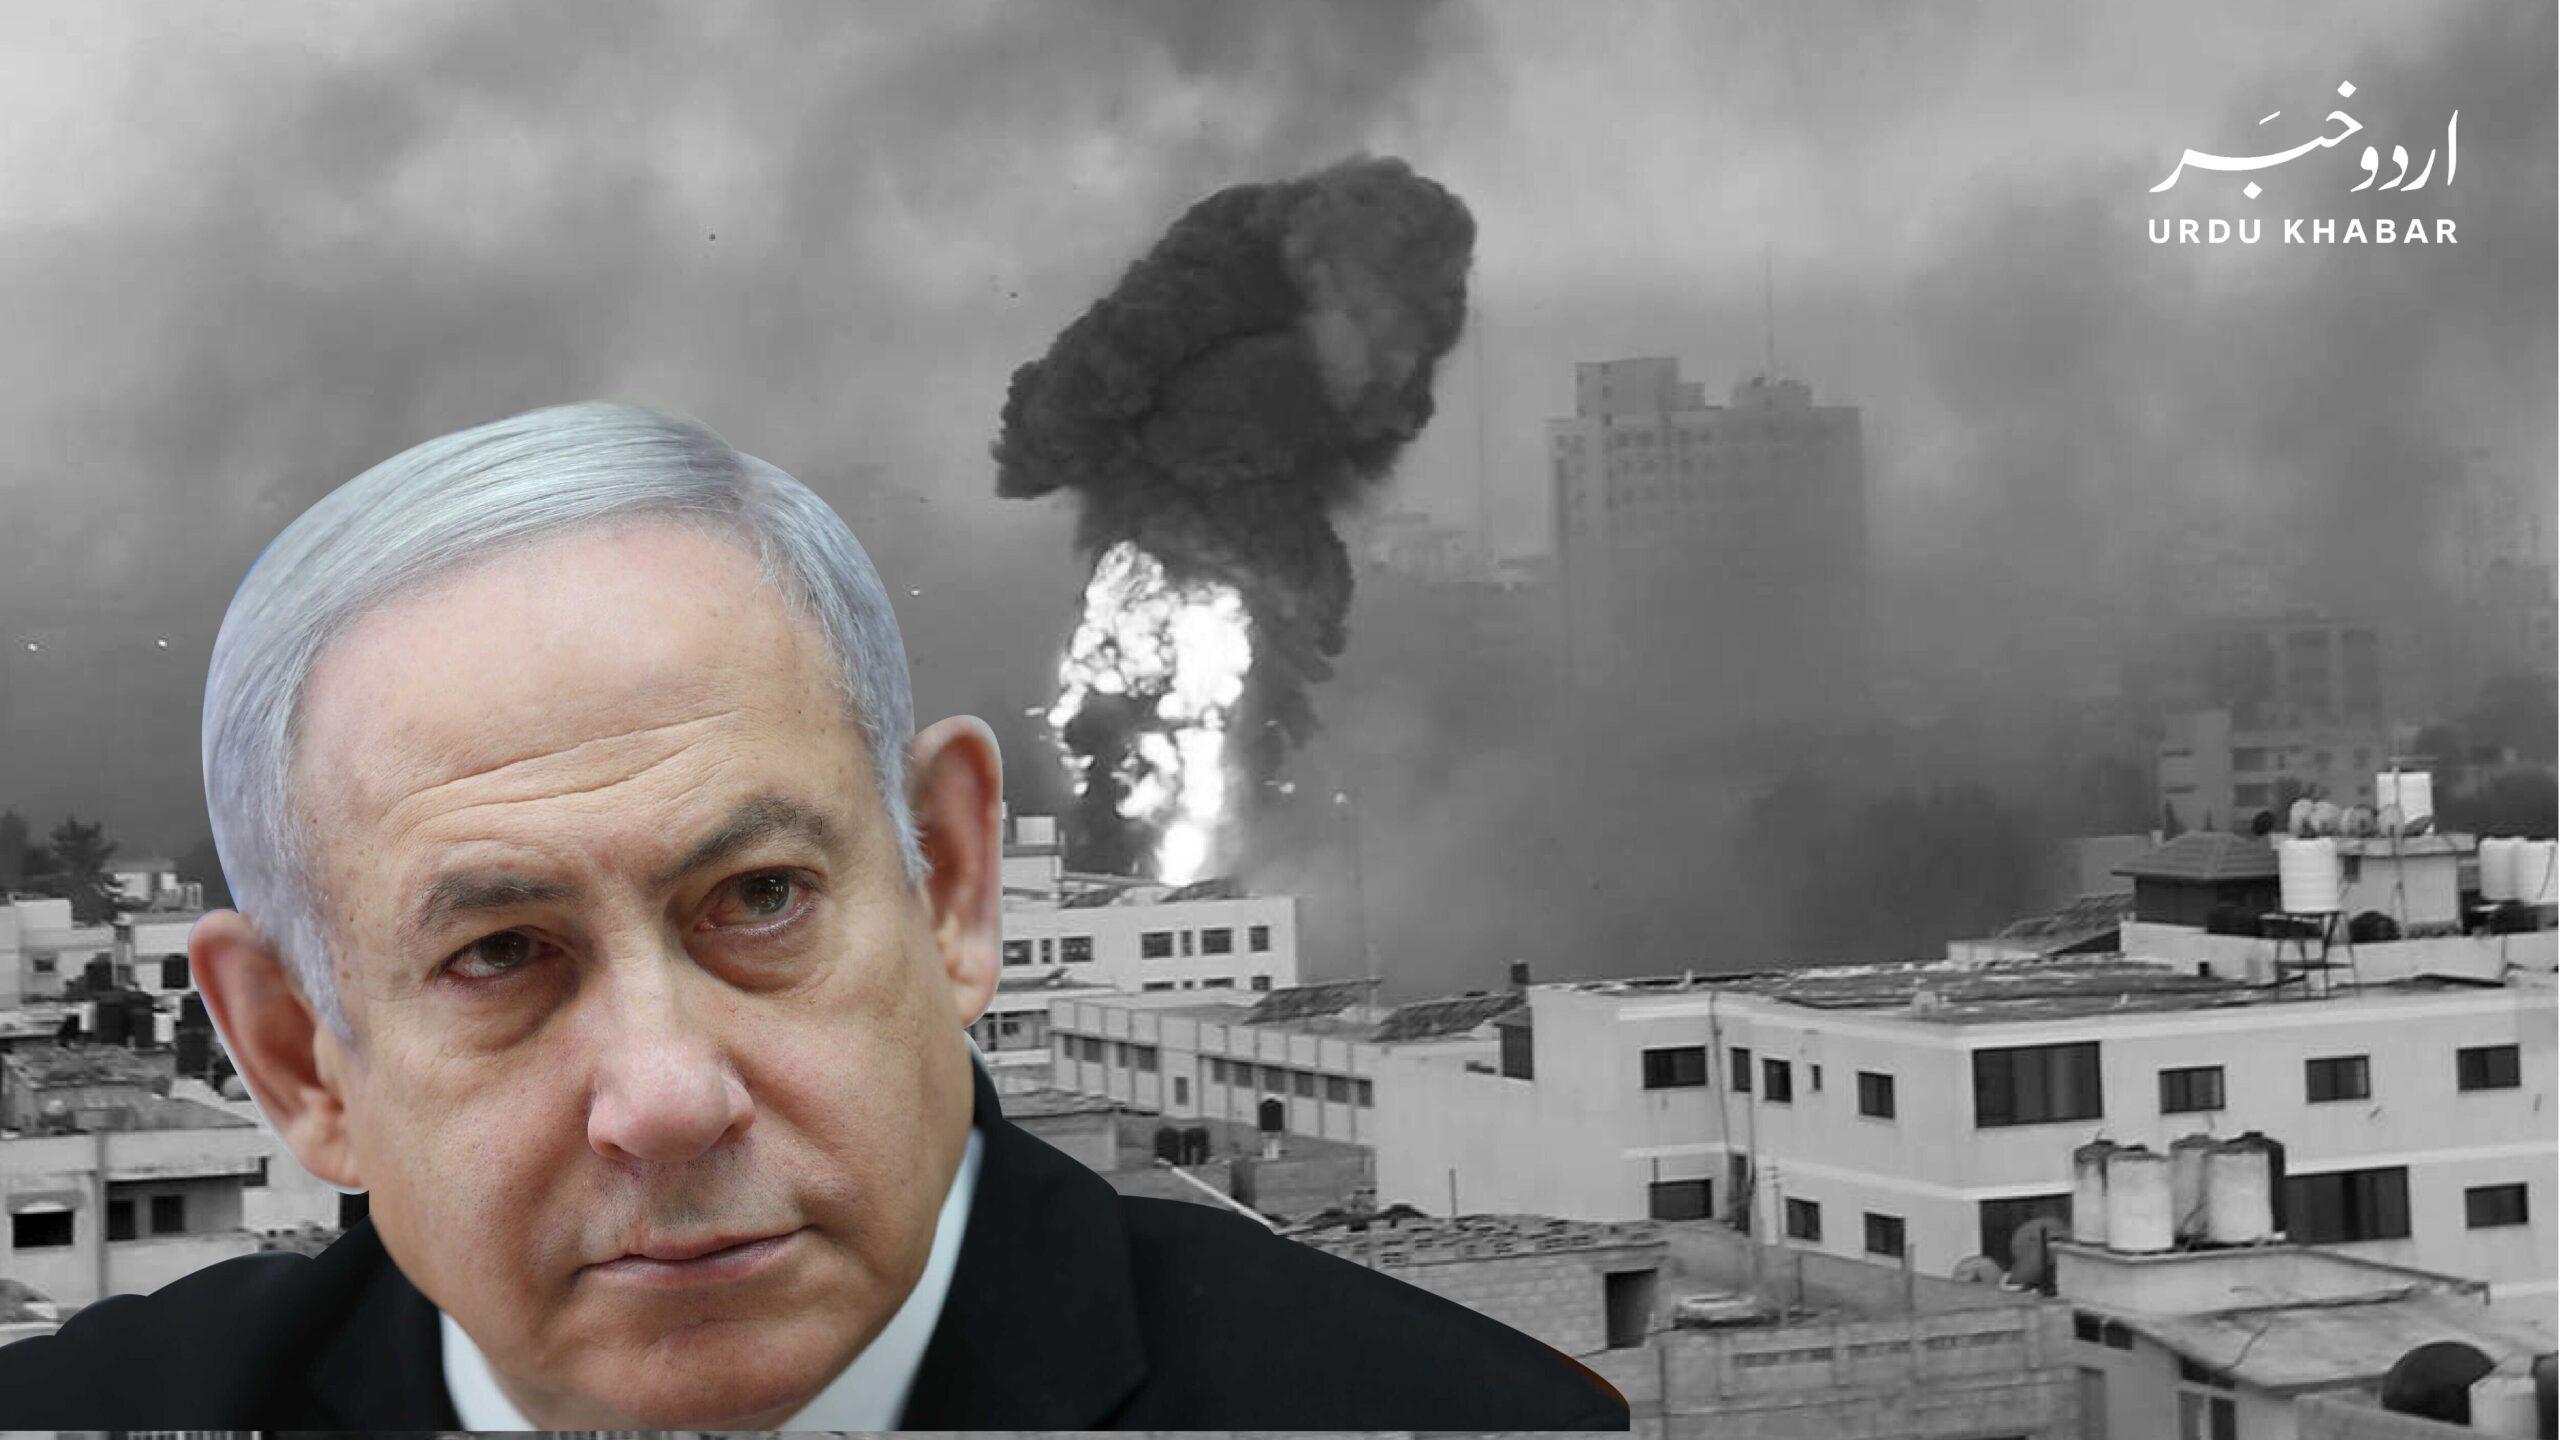 اسرائیلی وزیر اعظم کا غزہ میں حملے تیز کرنے کا اعلان